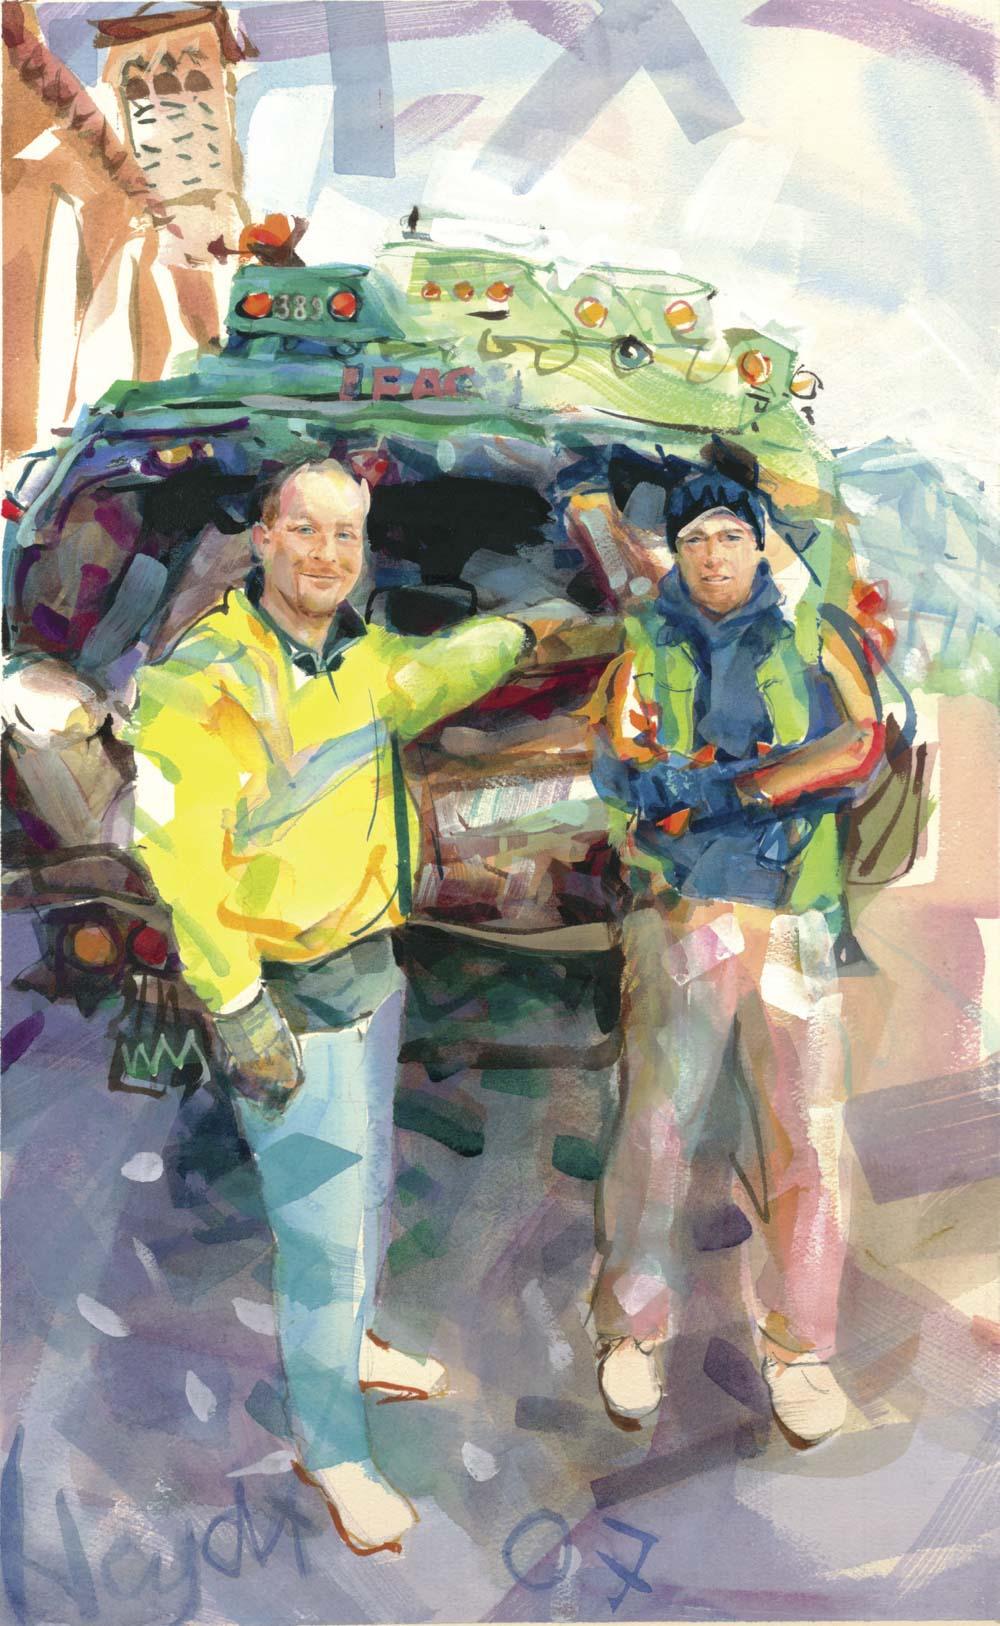 Brian Ingersall and Matt Flinn of Waste Management, Newport